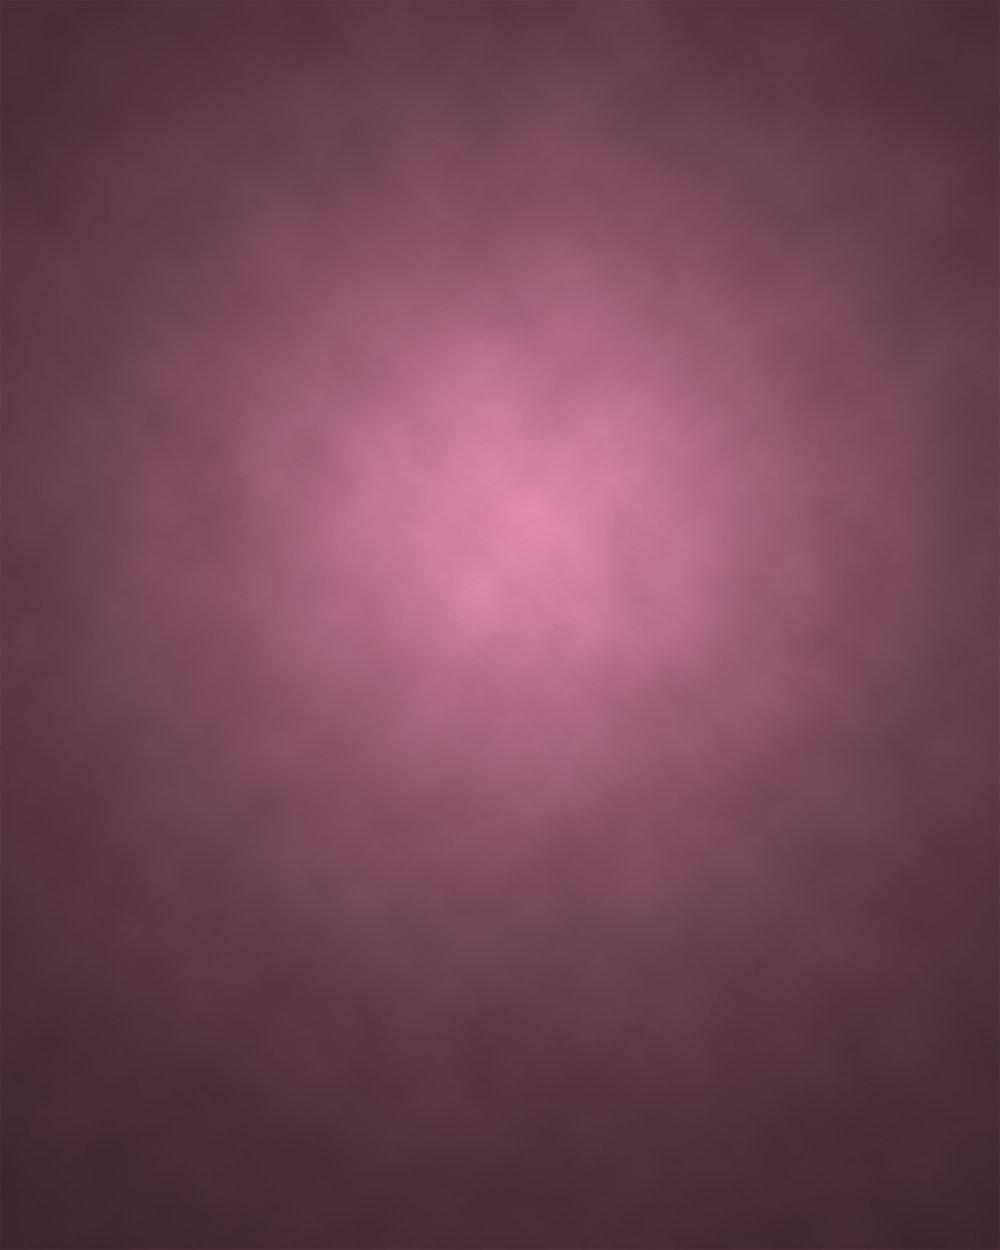 Background Option #8 - Rose